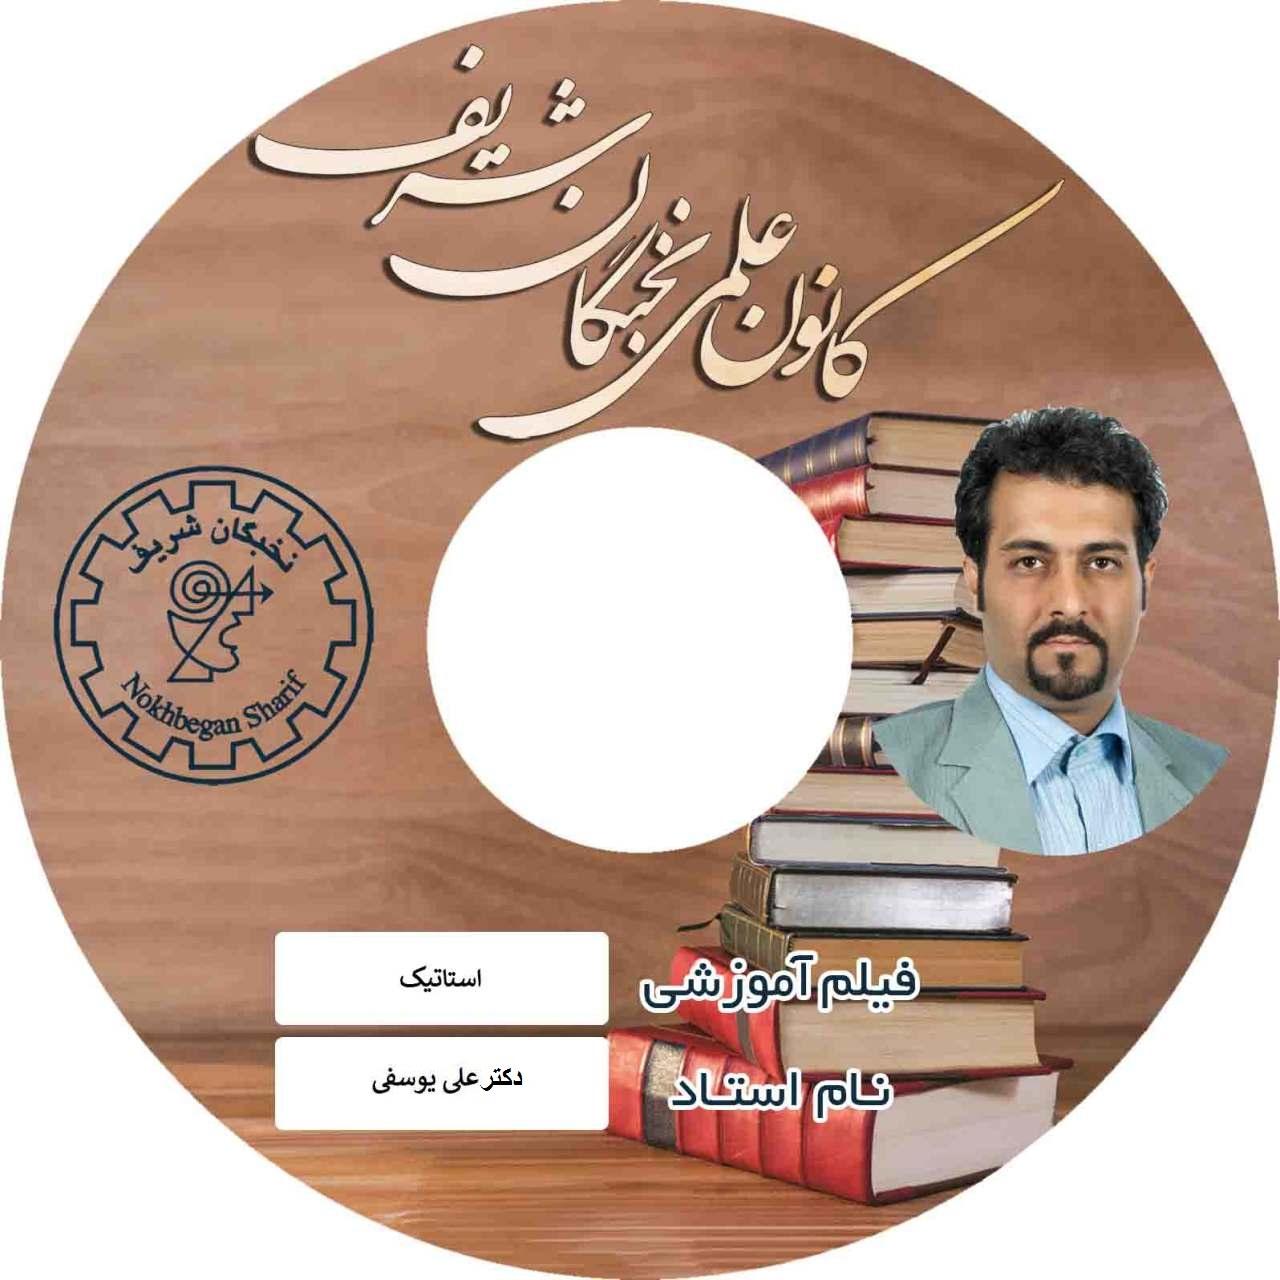 آموزش تصویری استاتیک نشر کانون علمی نخبگان شریف